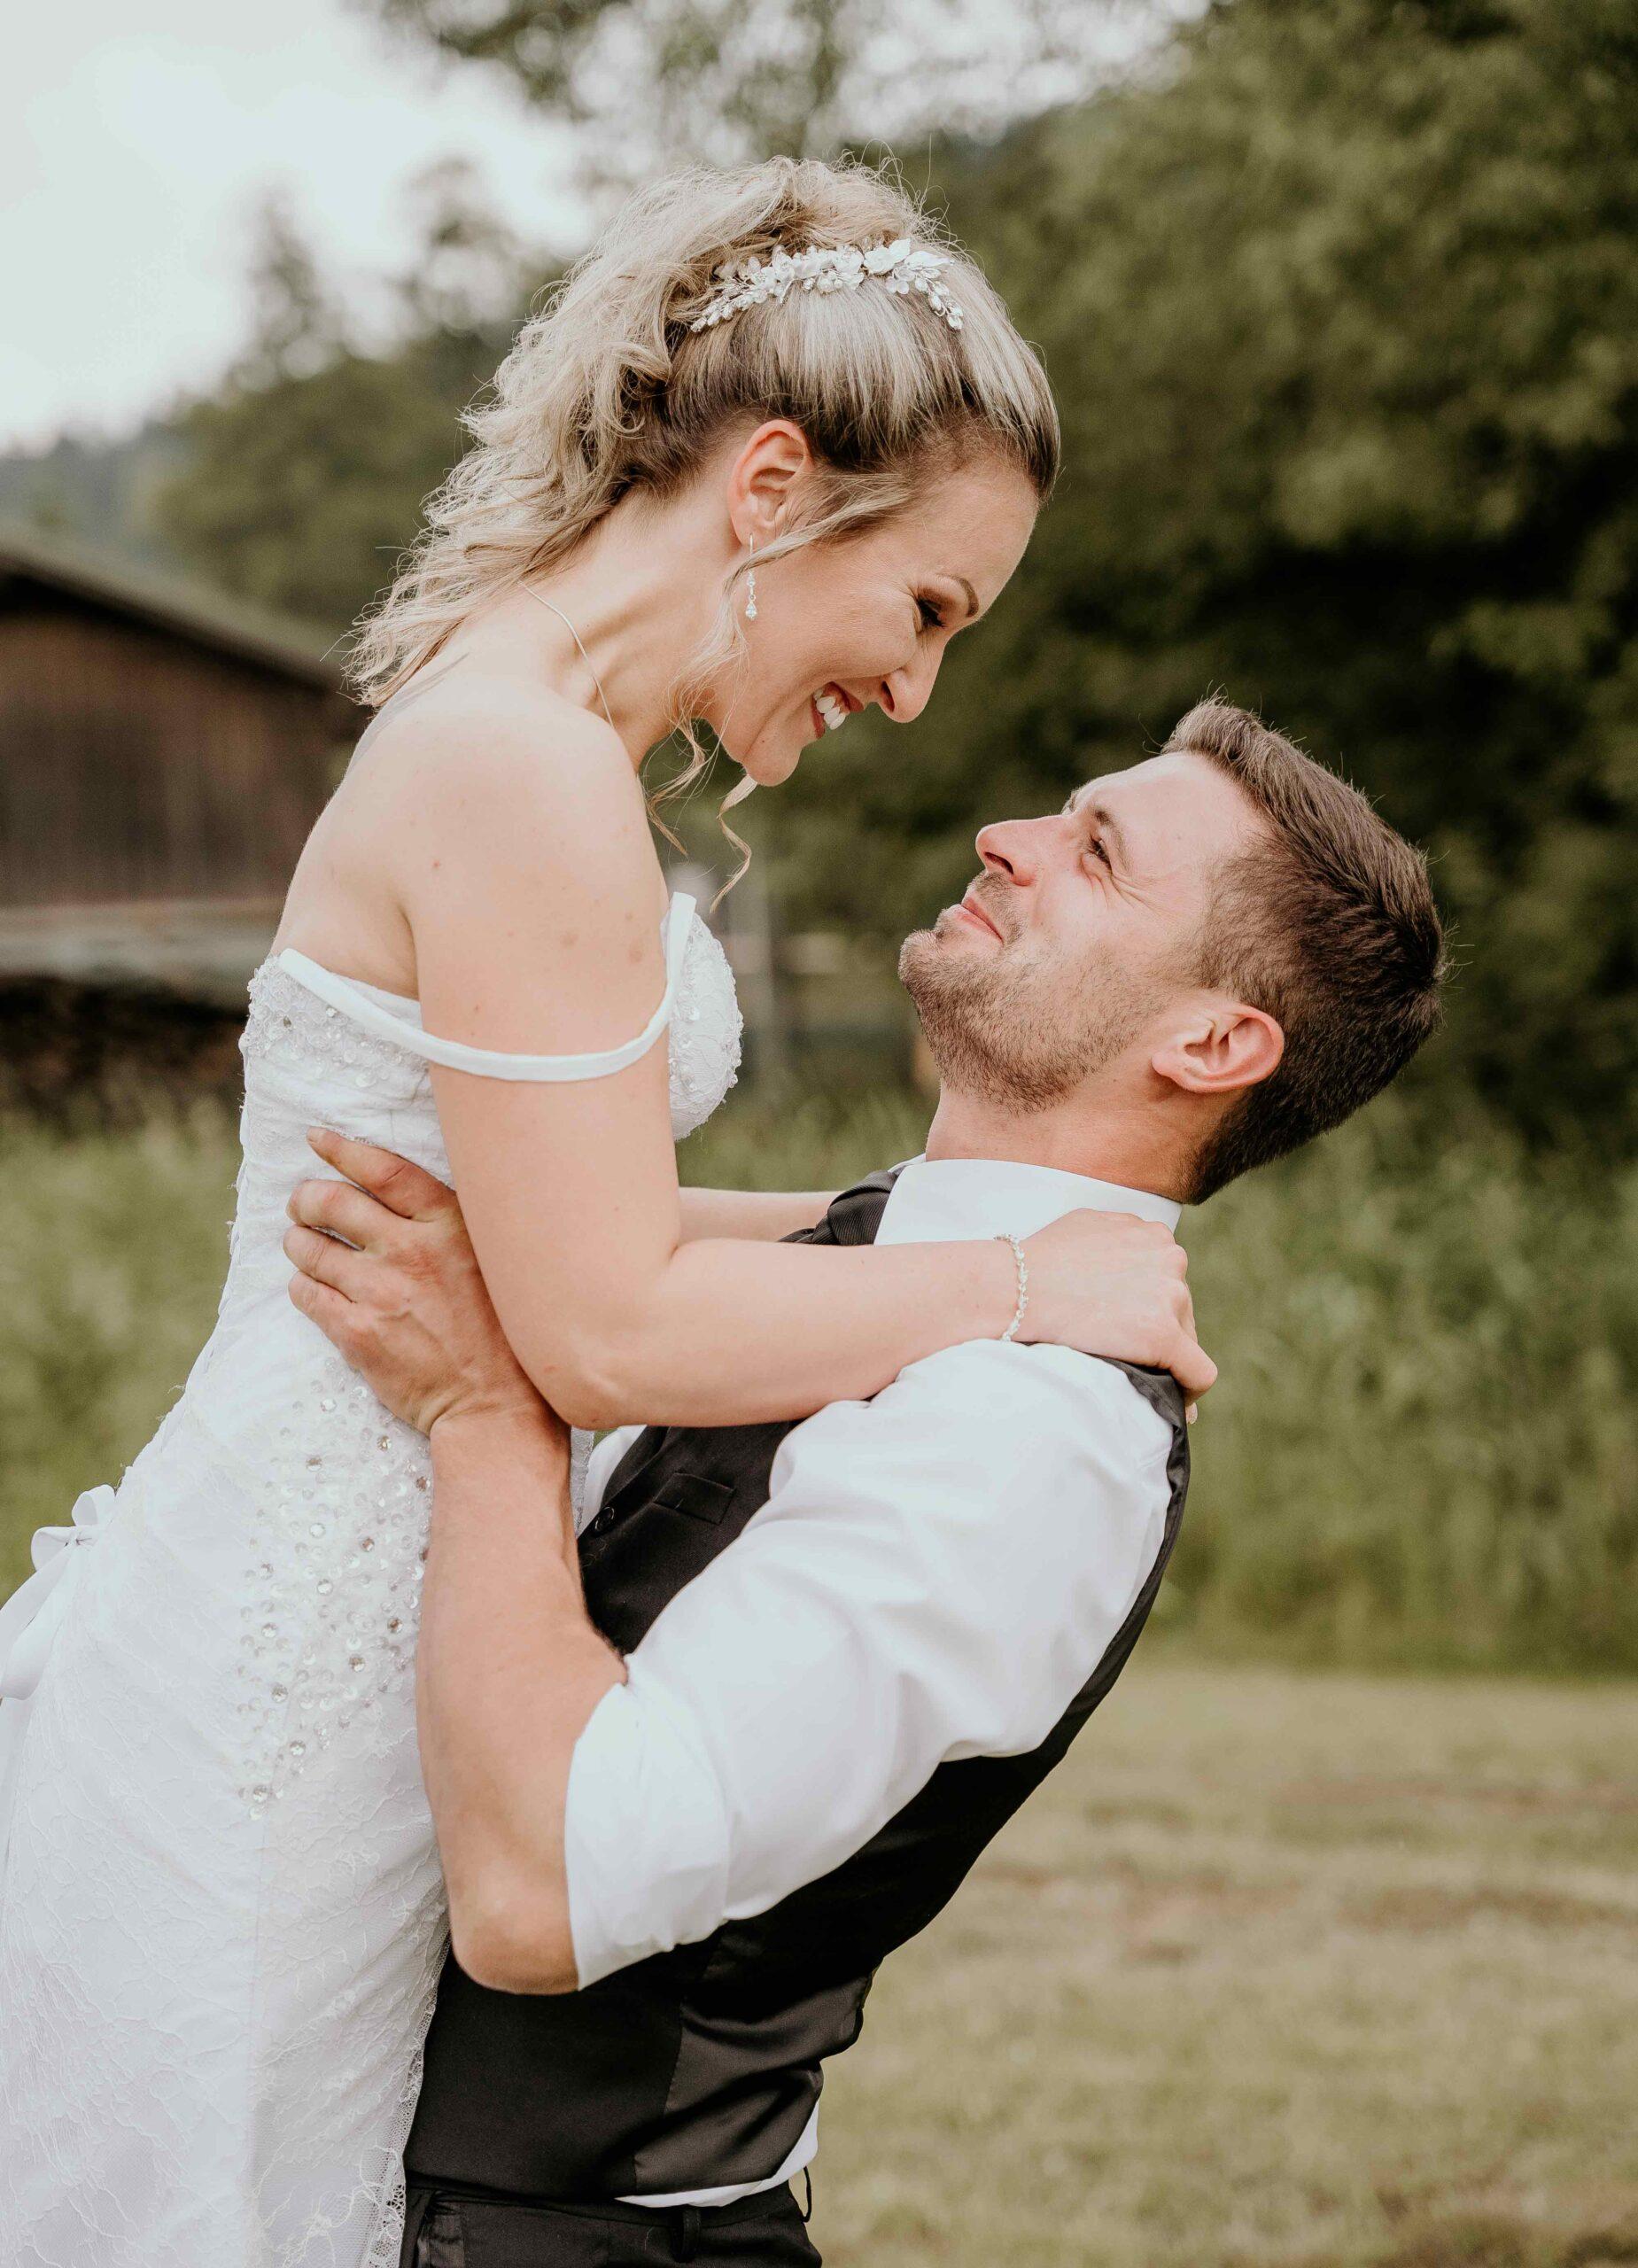 HochzeitsreportageHochzeitsfotografinRegenNiederbayern scaled - Hochzeitsreportage